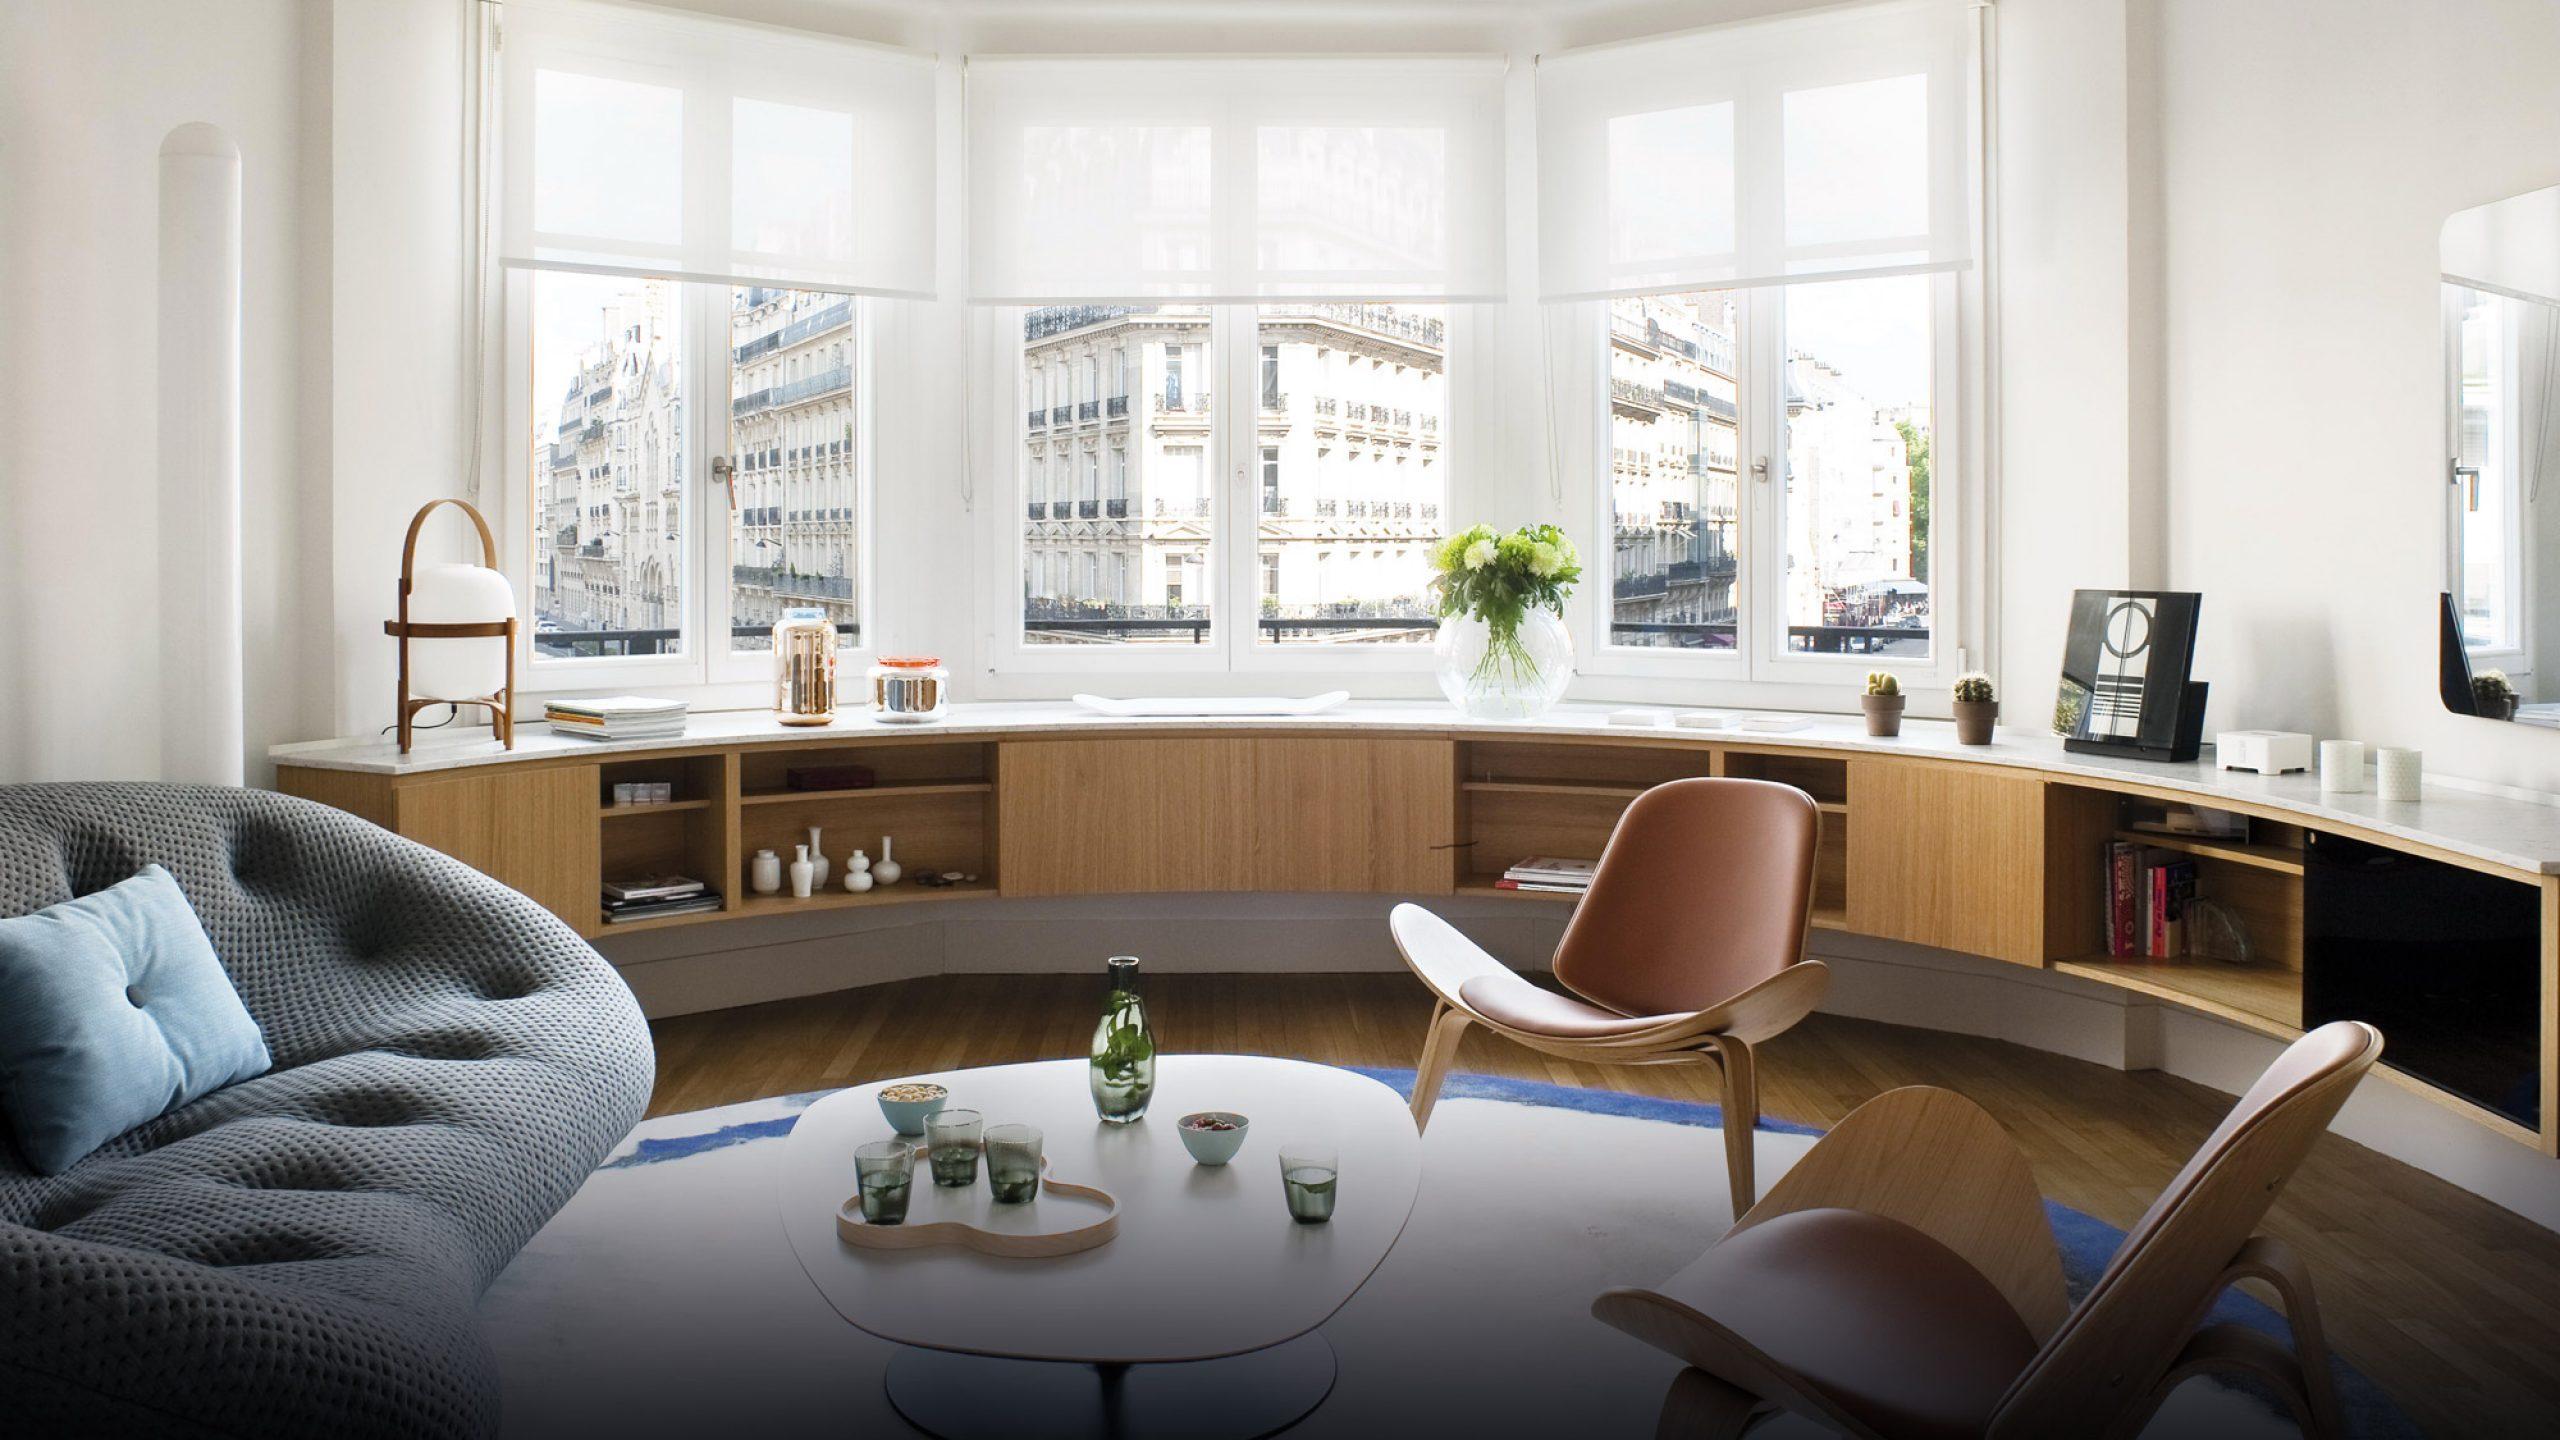 Architecte D Intérieur Cfai joseph grappin studio – architecte intérieur cfai / design